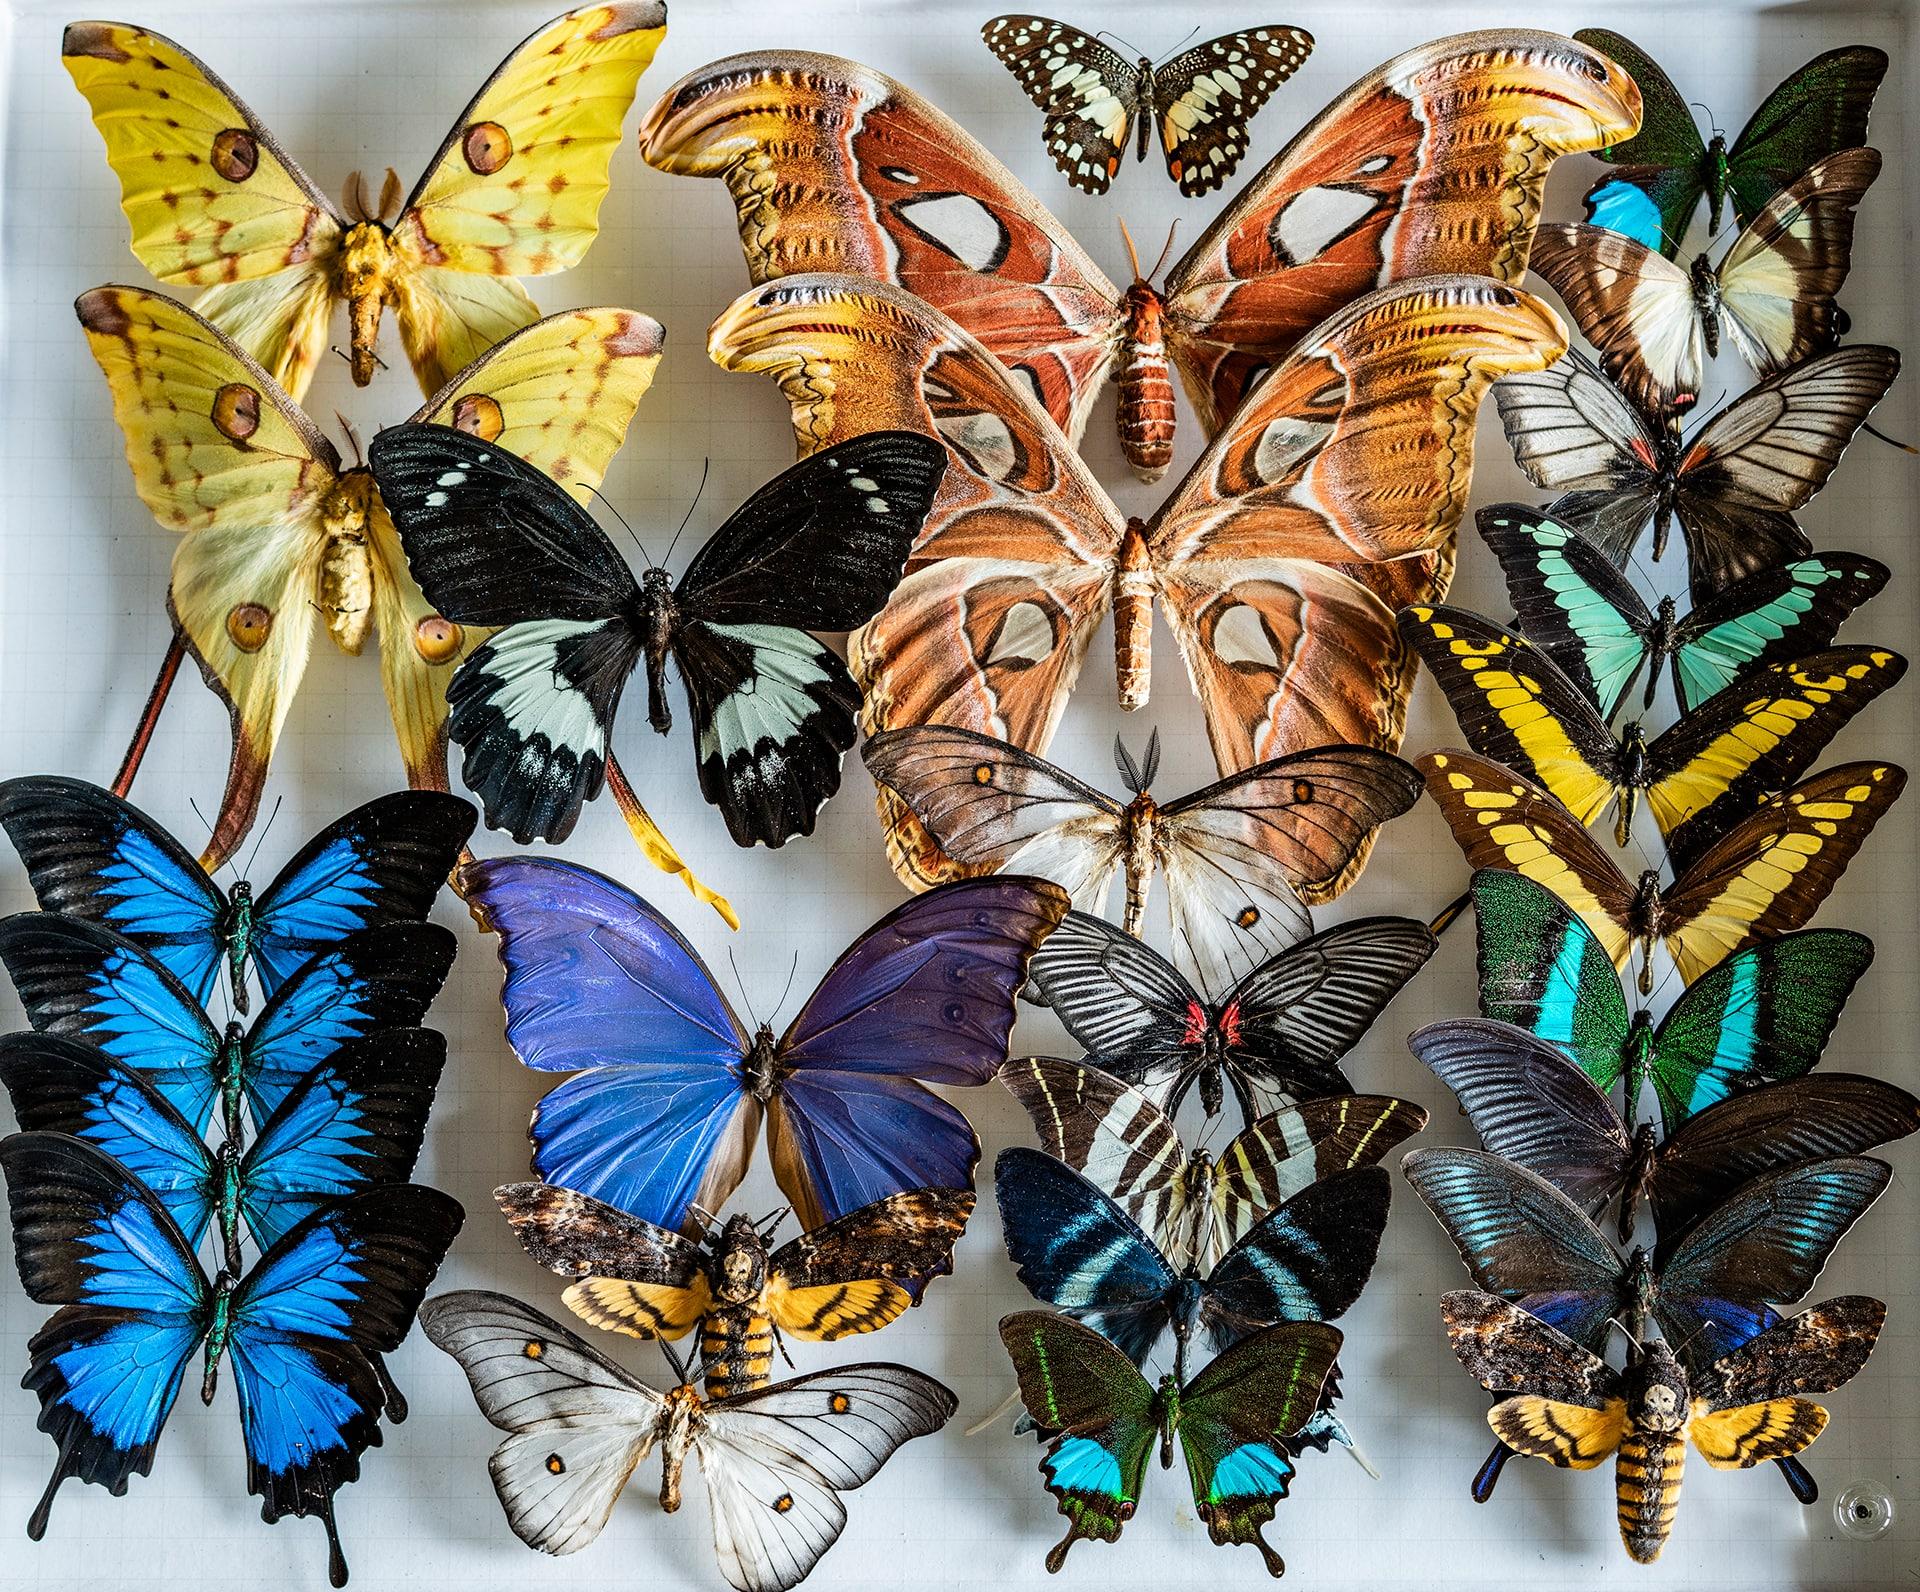 Blog Lifestyle - La taxidermie ou l'art de magnifier le règne animal - Suivre sa Joie - Saskia Parein